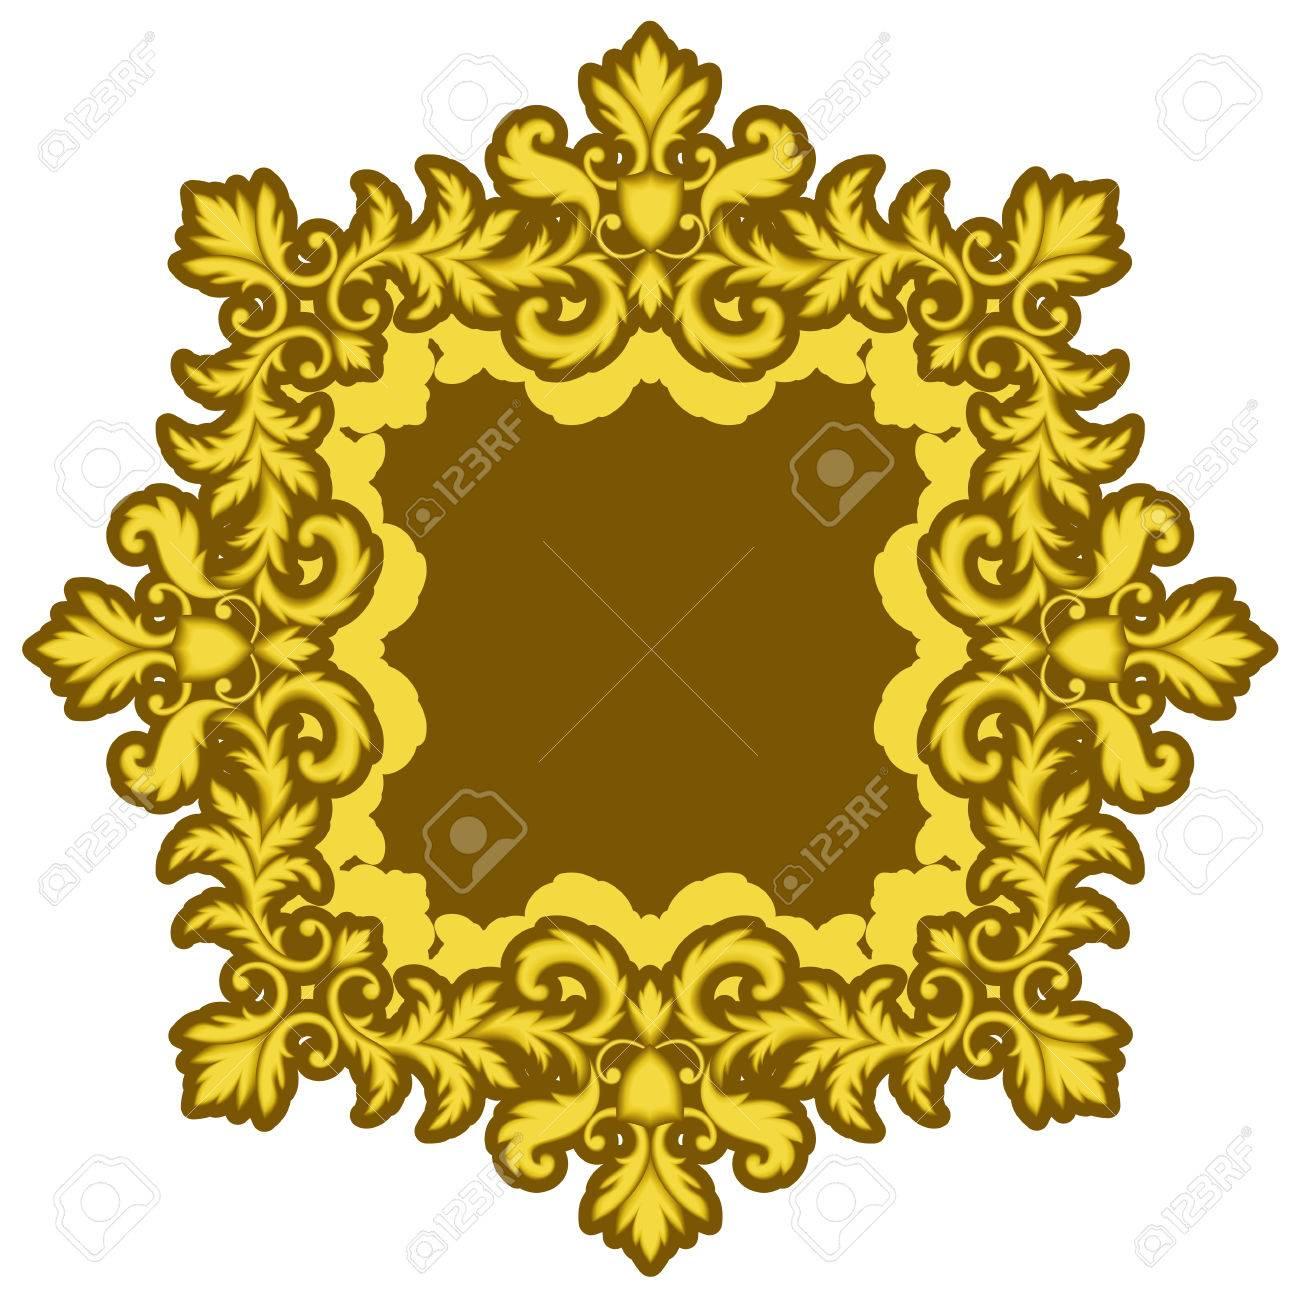 Marco Decorativo Del Oro Aislado En El Fondo Blanco. Parte De Patrón ...